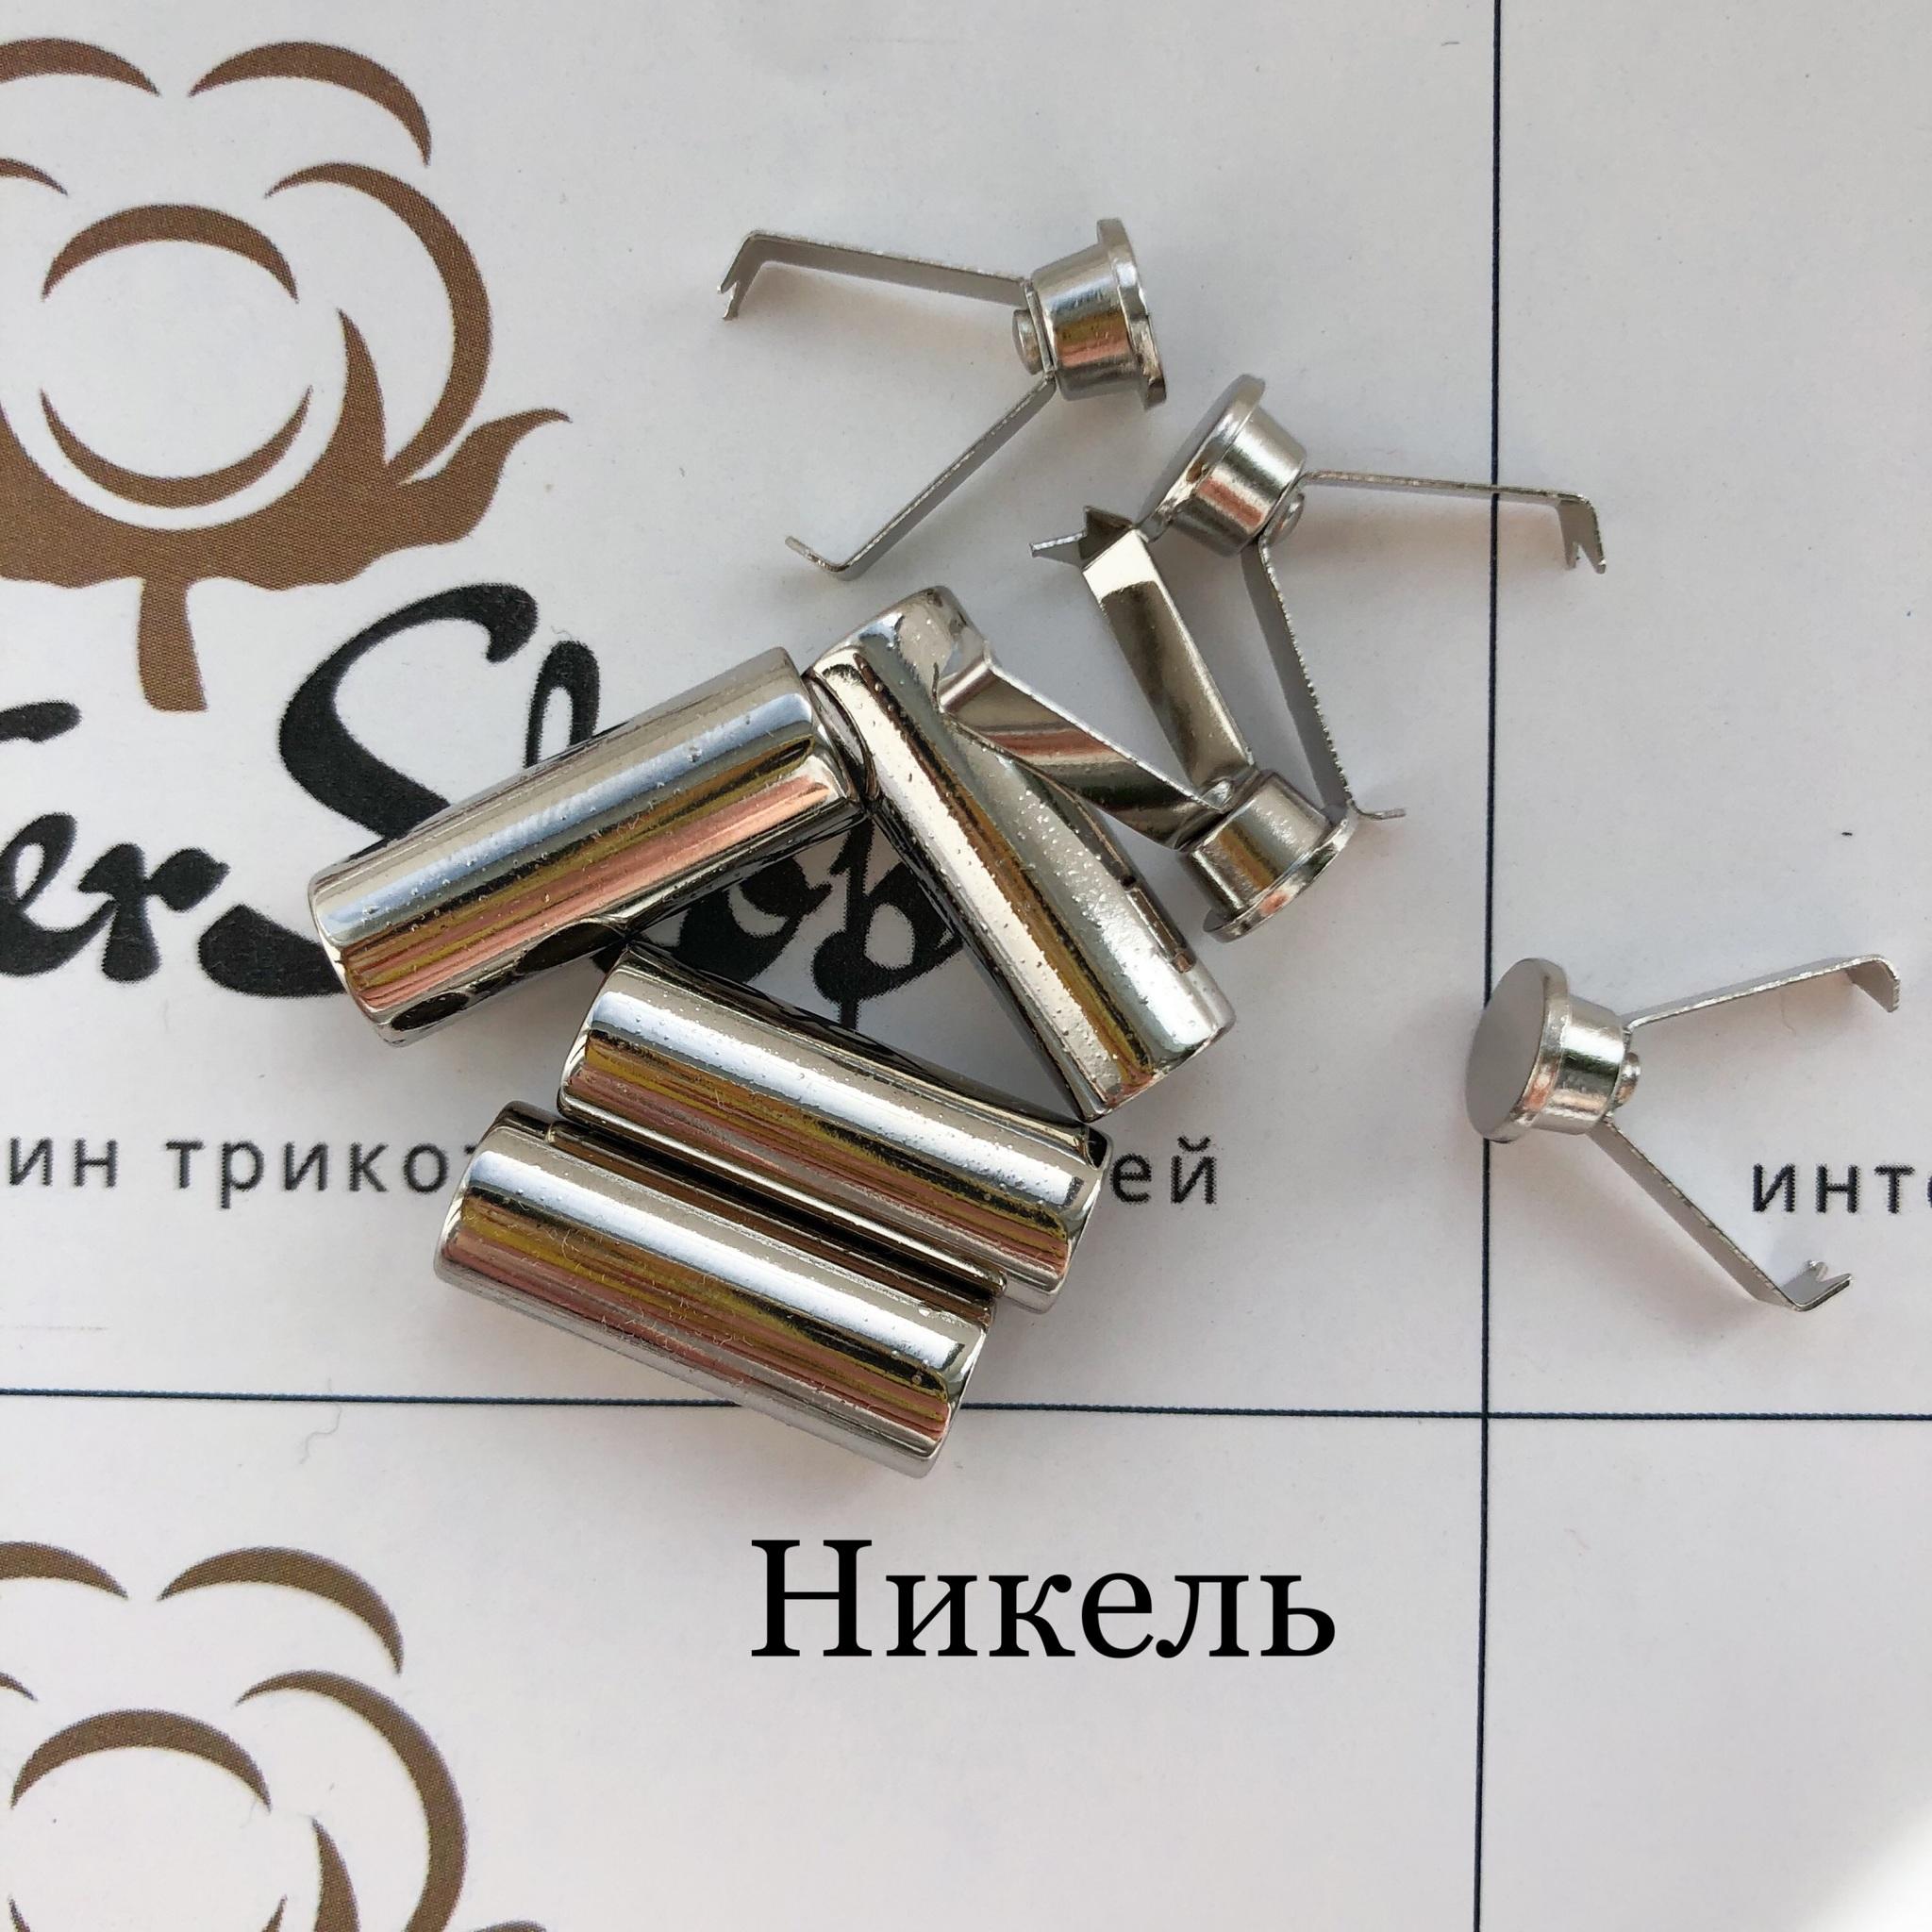 Наконечник для шнура металл цвет Никель / Чёрный Никель